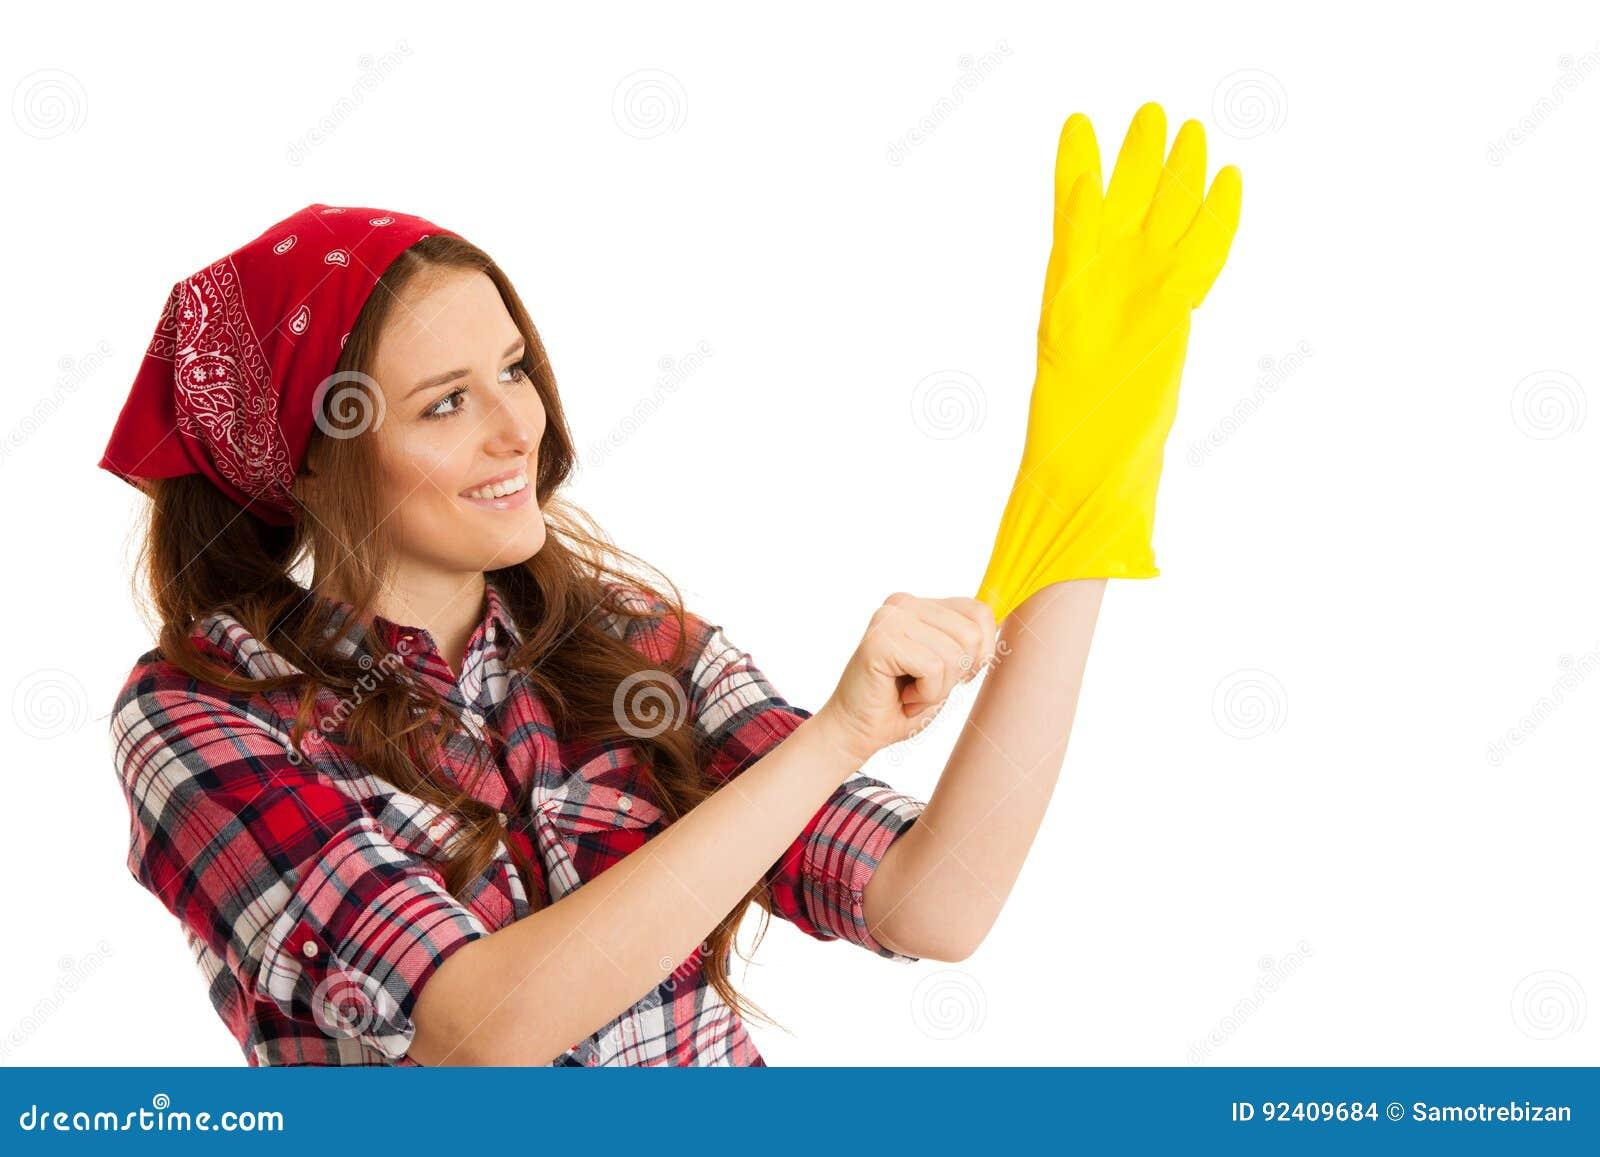 方格的衬衣的逗人喜爱的少妇有黄色橡胶手套的关于